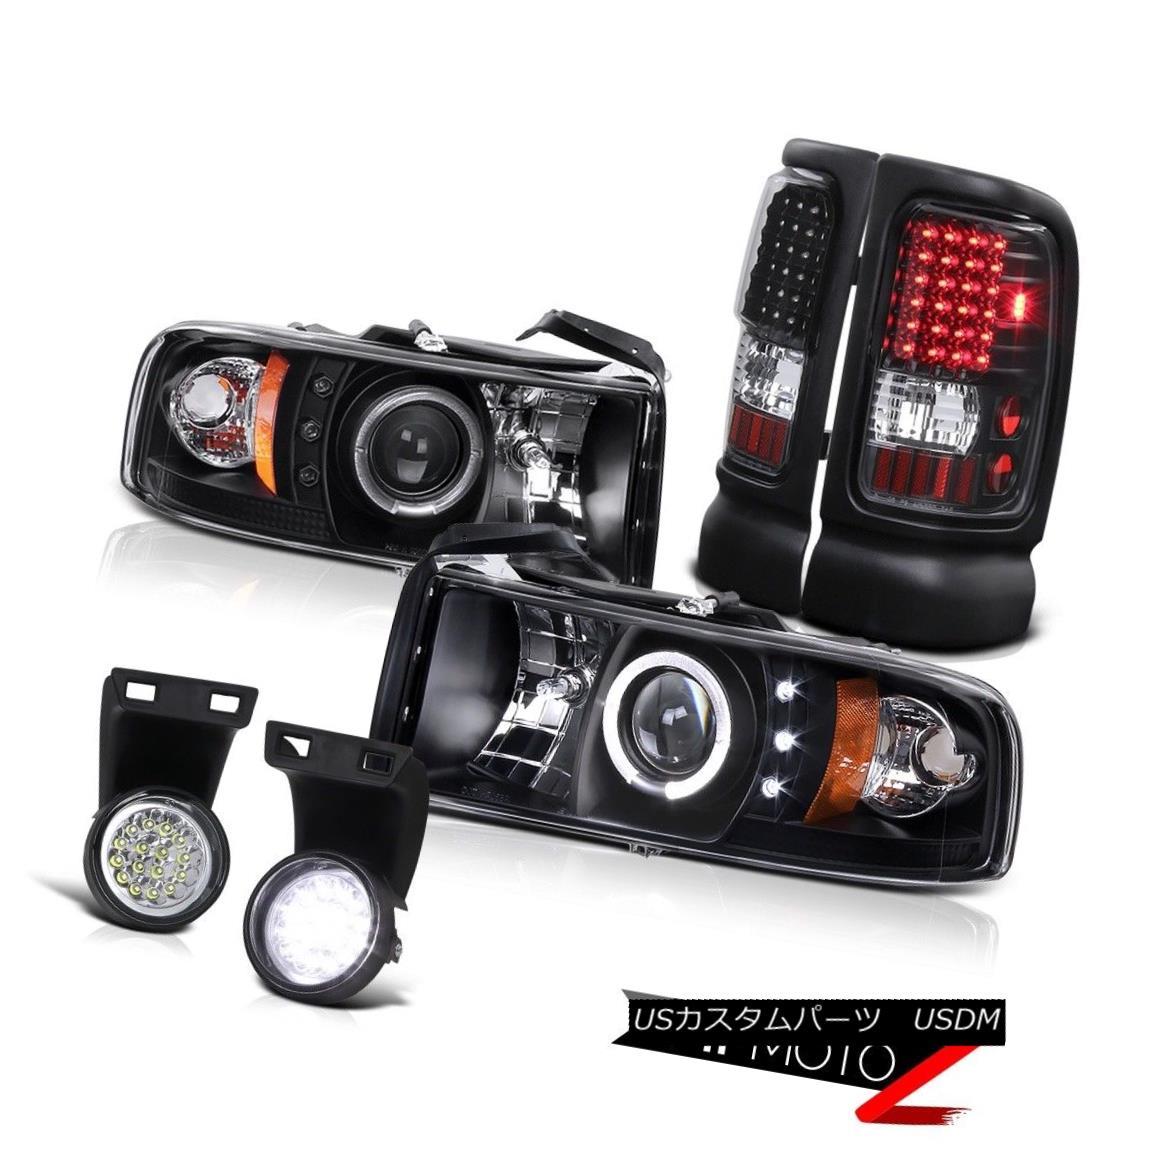 テールライト Black Halo Projector Headlight+Led Tail Lamp+6K White FULL Led Fog Light 02 RAM ブラックハロープロジェクターヘッドライト+ Ledテールランプ+ 6KホワイトFULL Ledフォグライト02 RAM